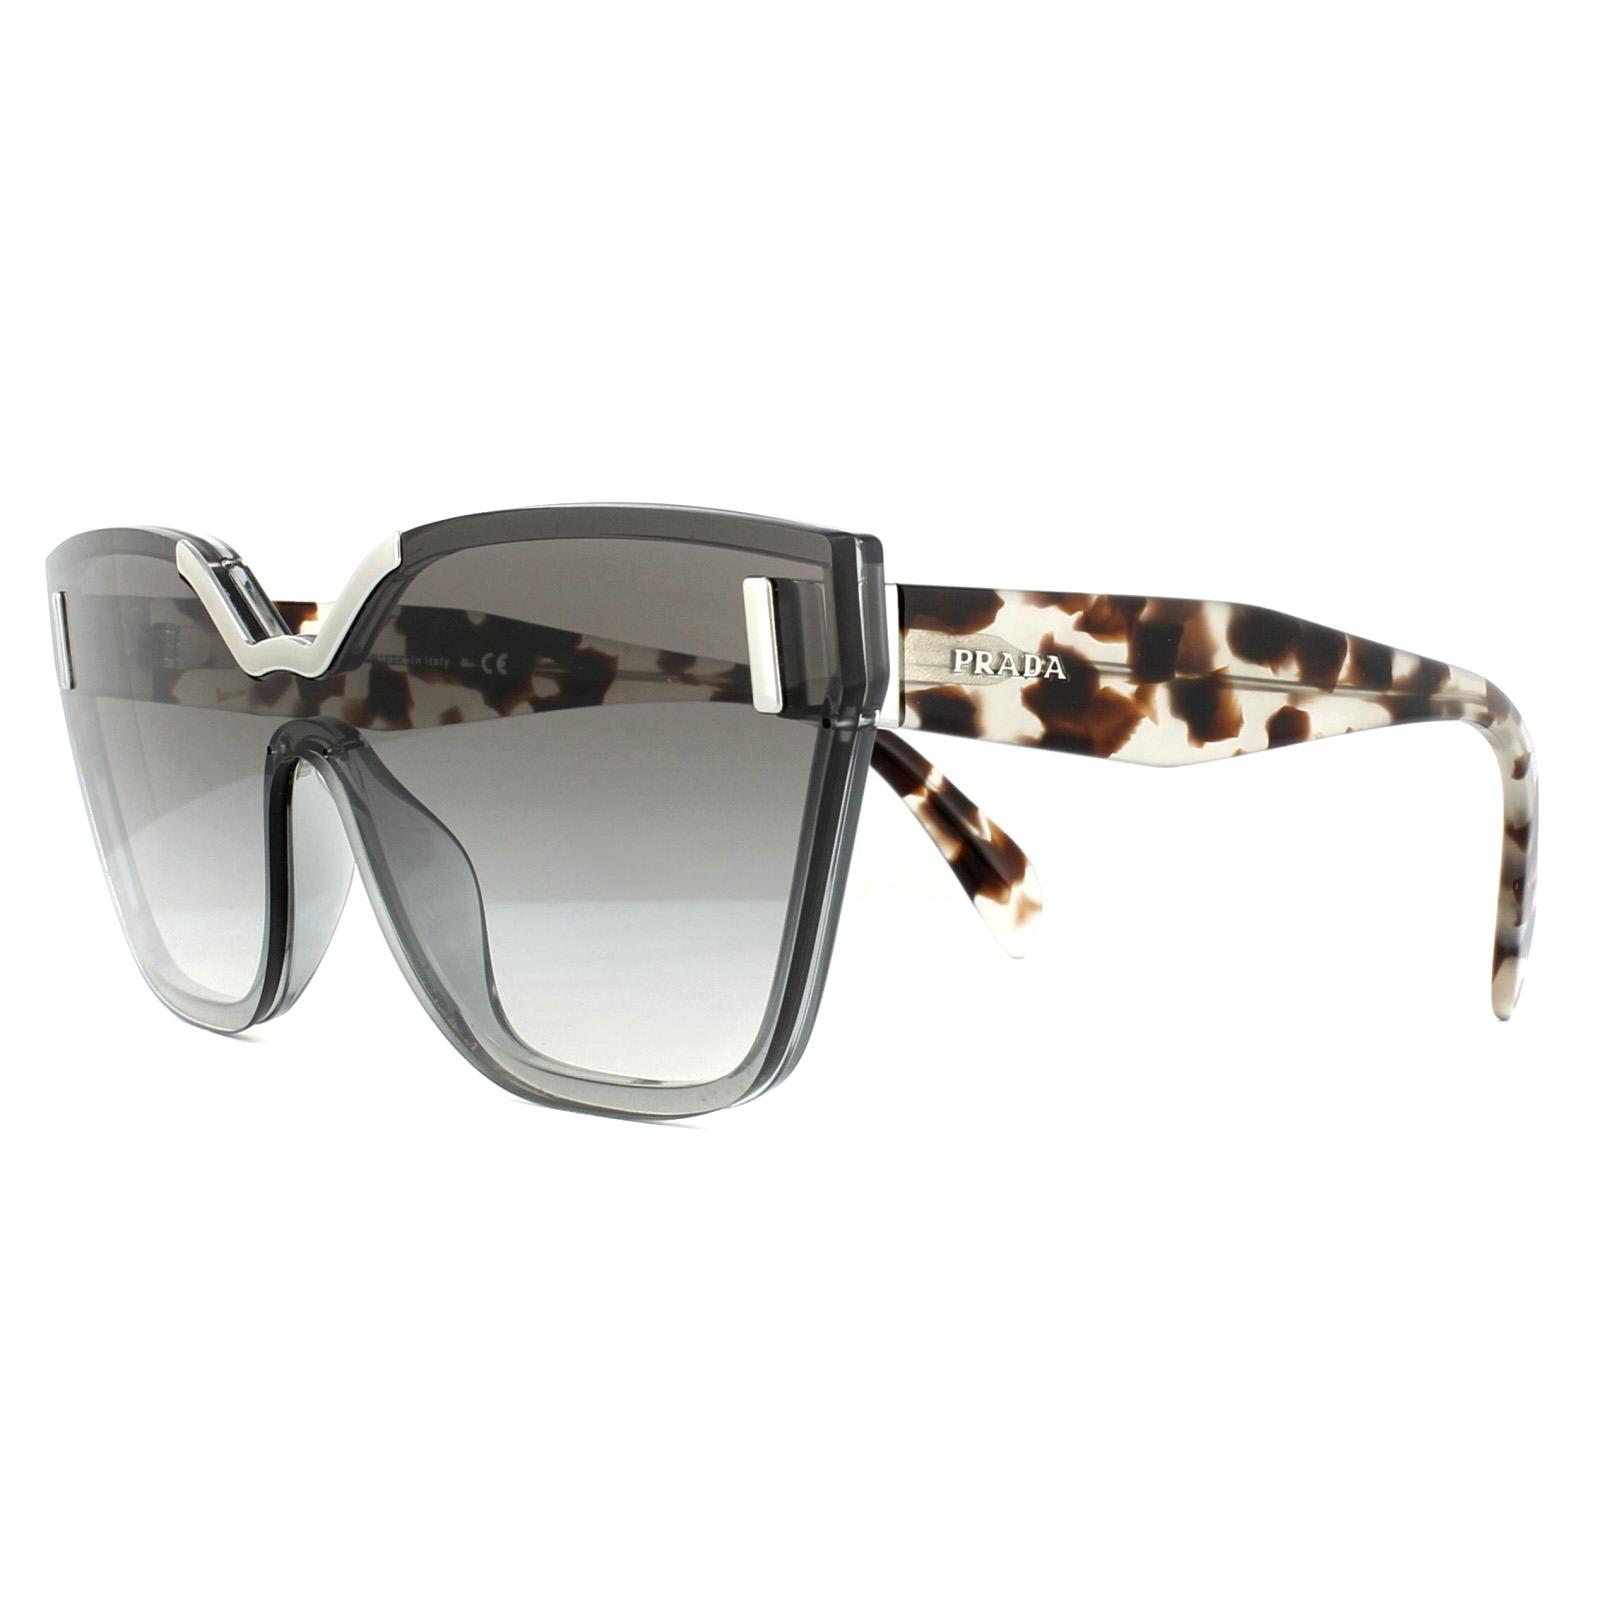 01a26d42bfa Prada Sunglasses 16TS VIP0A7 Light Grey Grey Gradient 8053672773064 ...